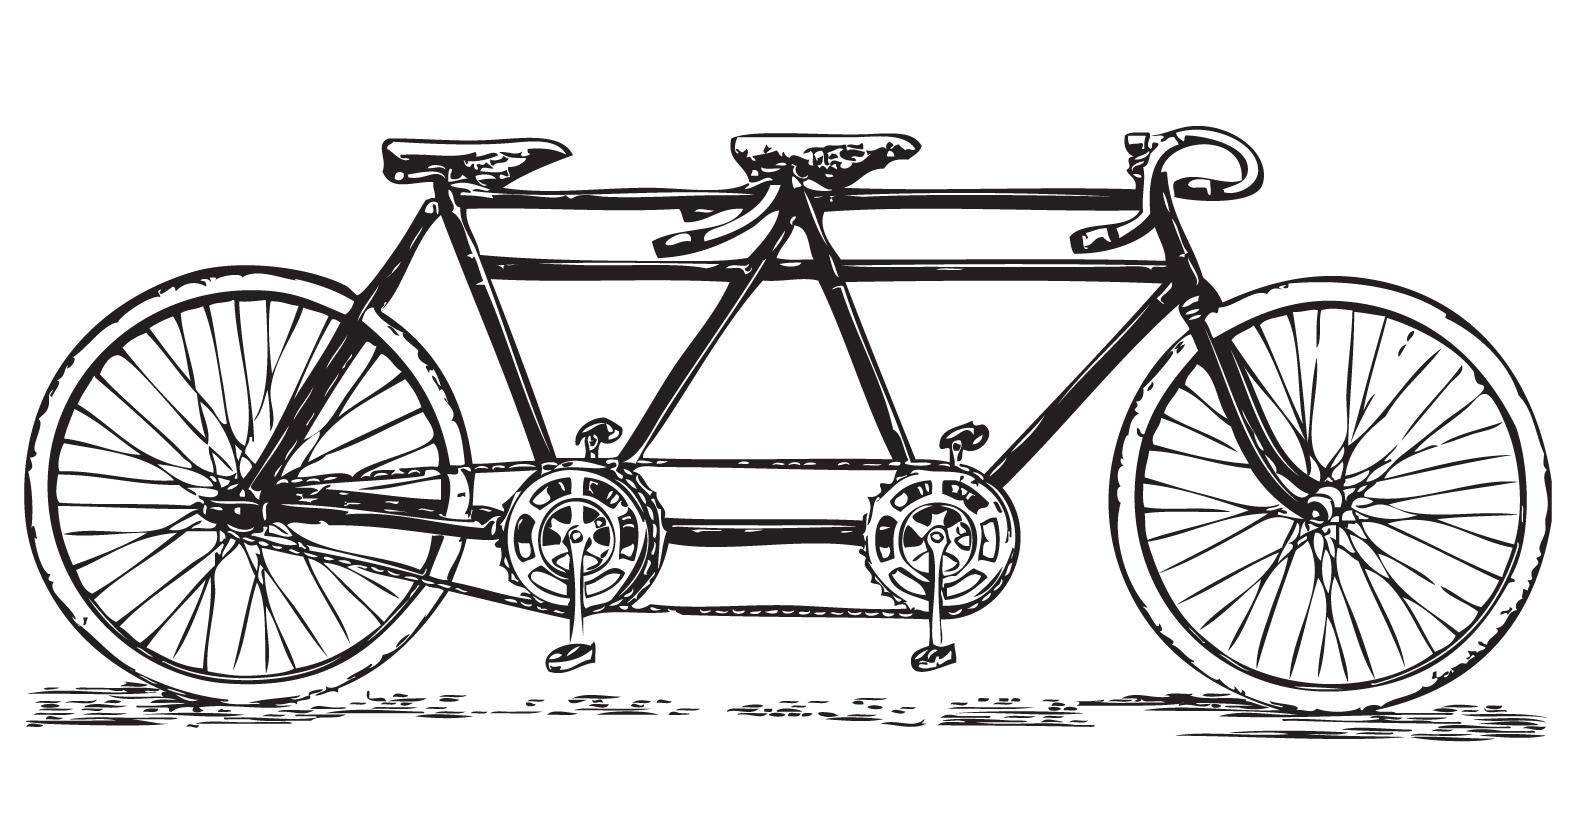 Bike clipart retro bike #2